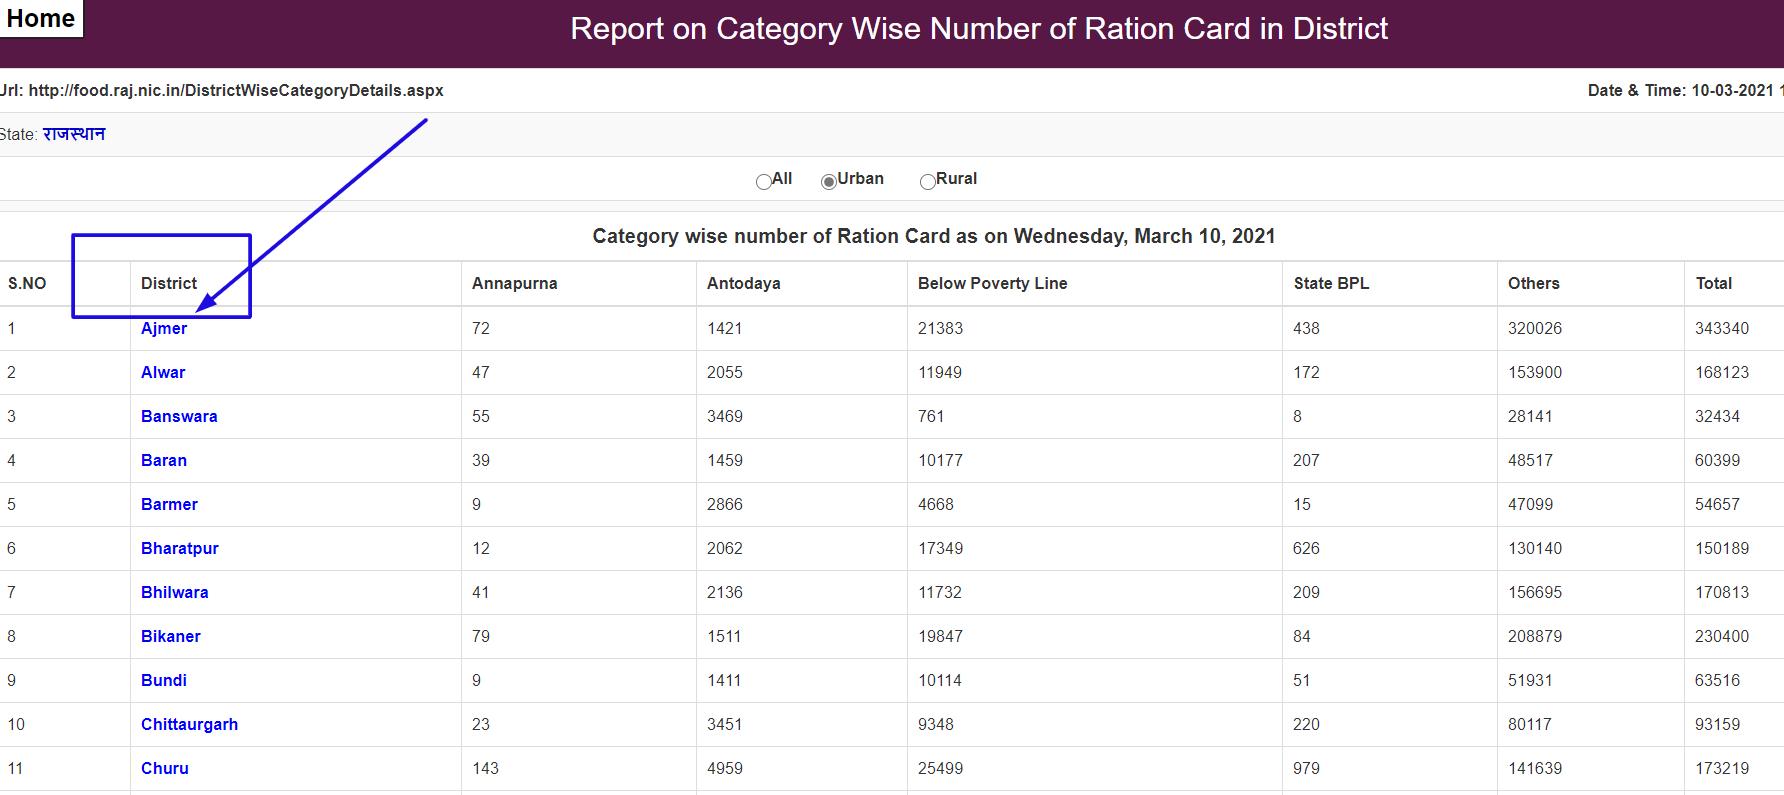 राजस्थान-राशन-कार्ड-सूची-2021-कैसे-देखें